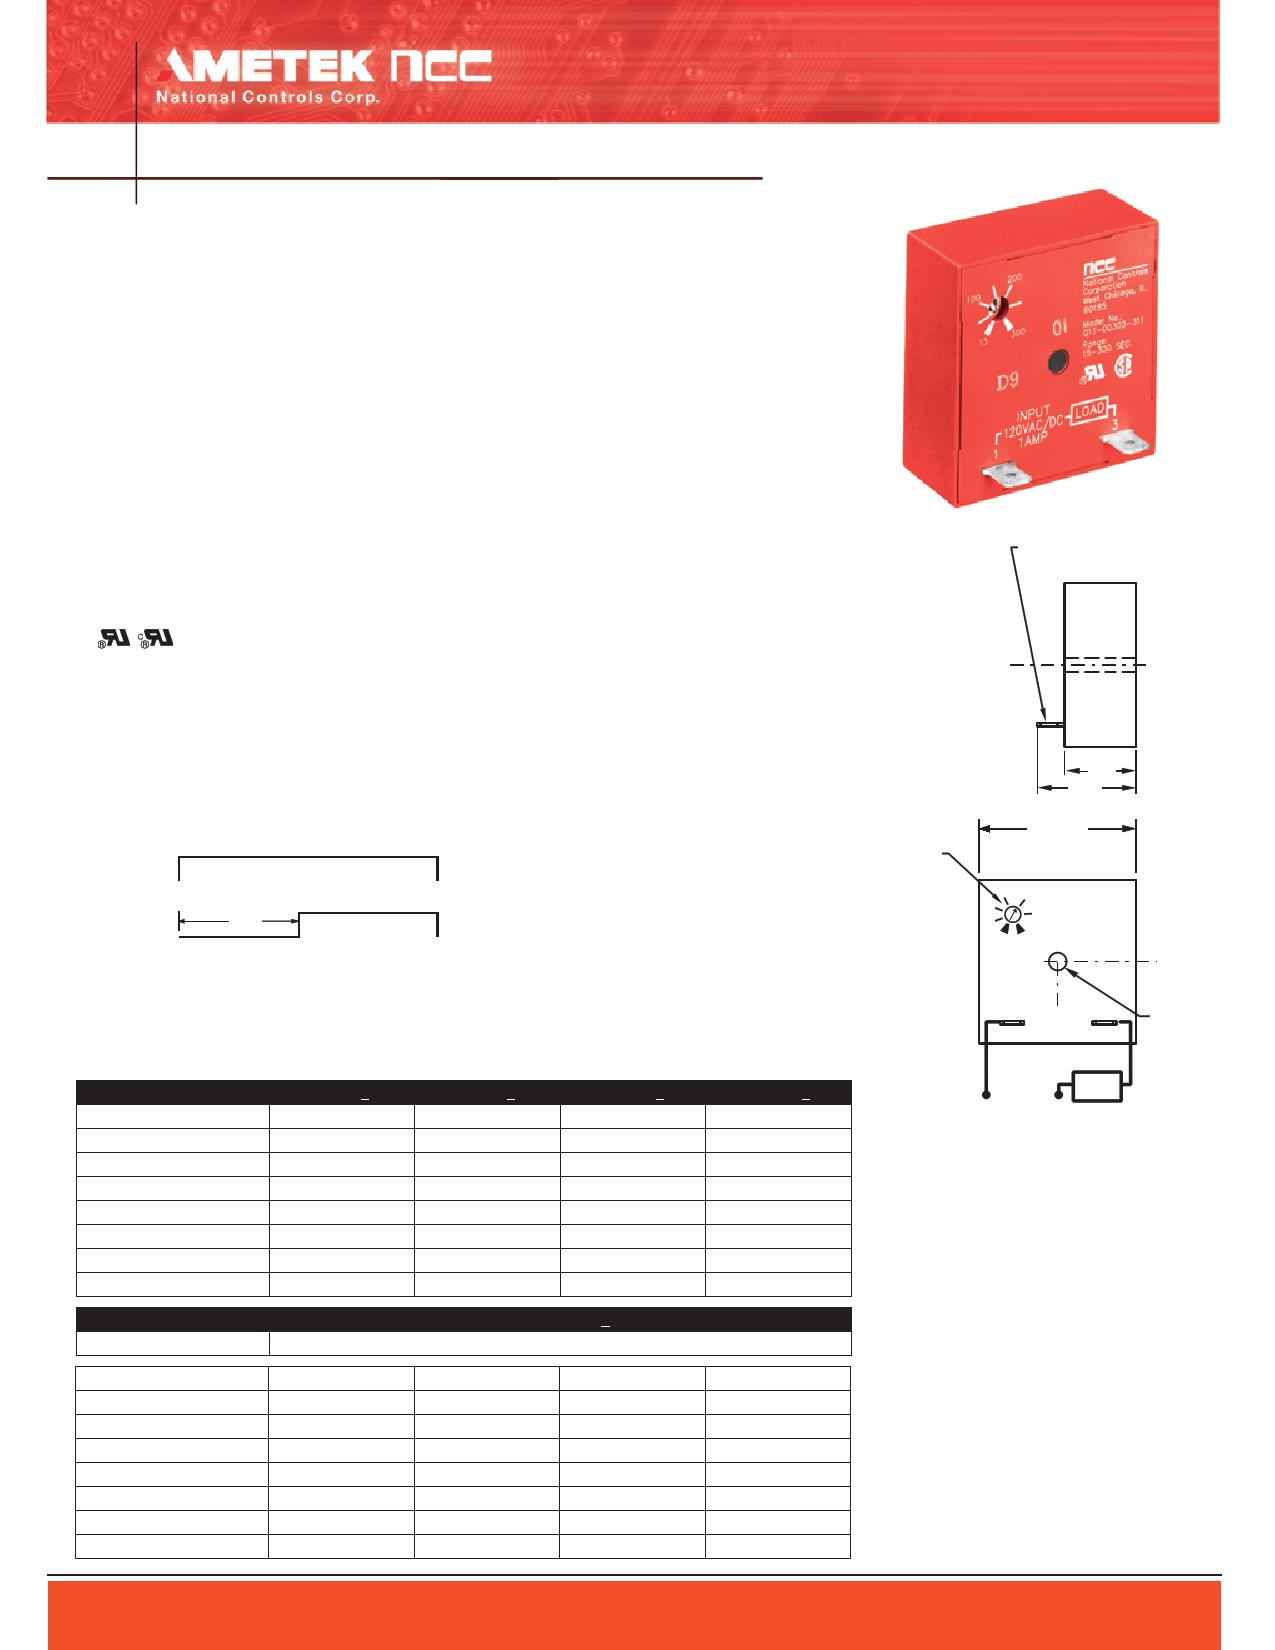 Q1T-03600-317 datasheet